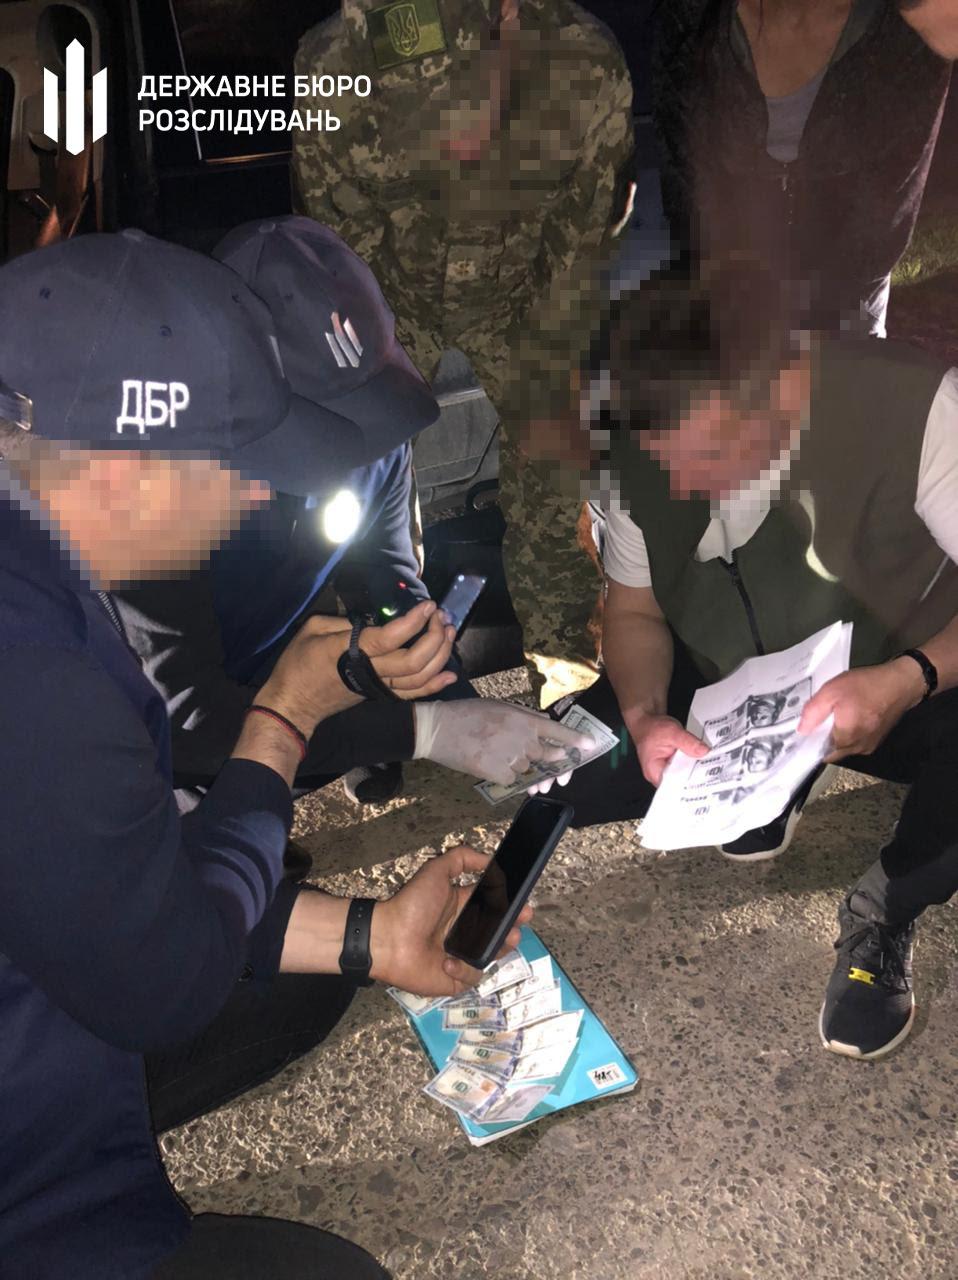 В Закарпатье задержали пограничника, который способствовал контрабанде сигарет в ЕС